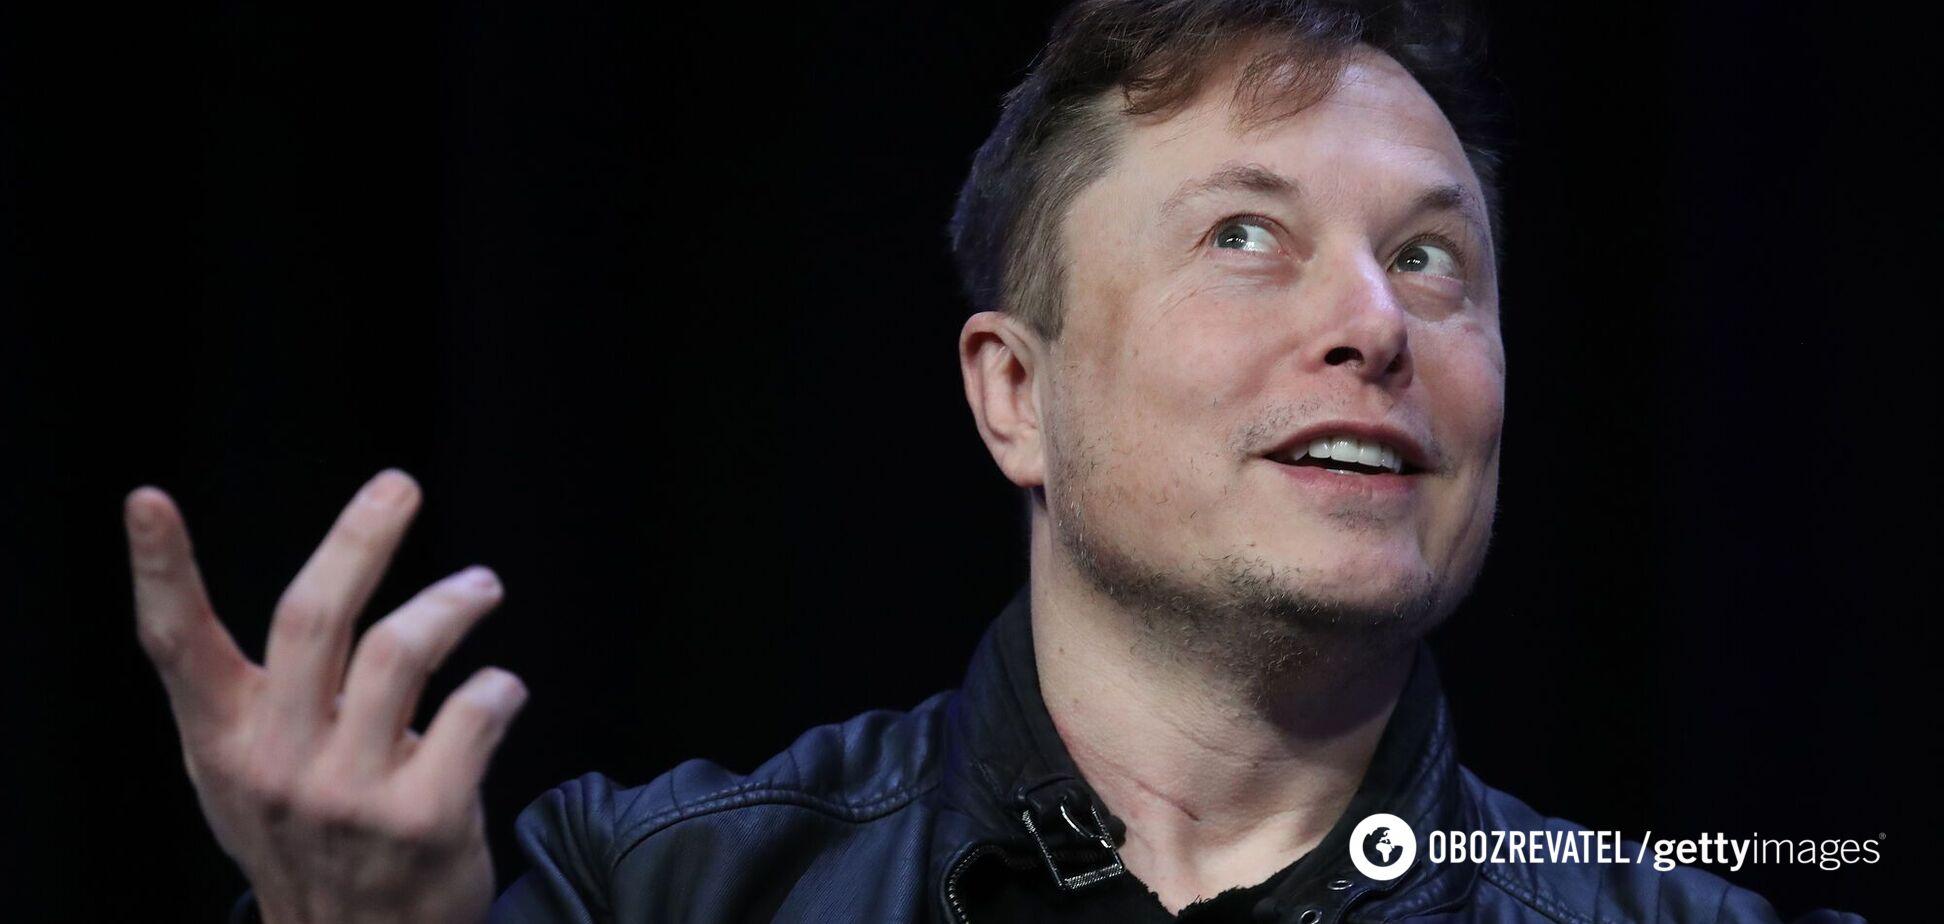 Маск обошел Гейтса в рейтинге богатейших людей мира